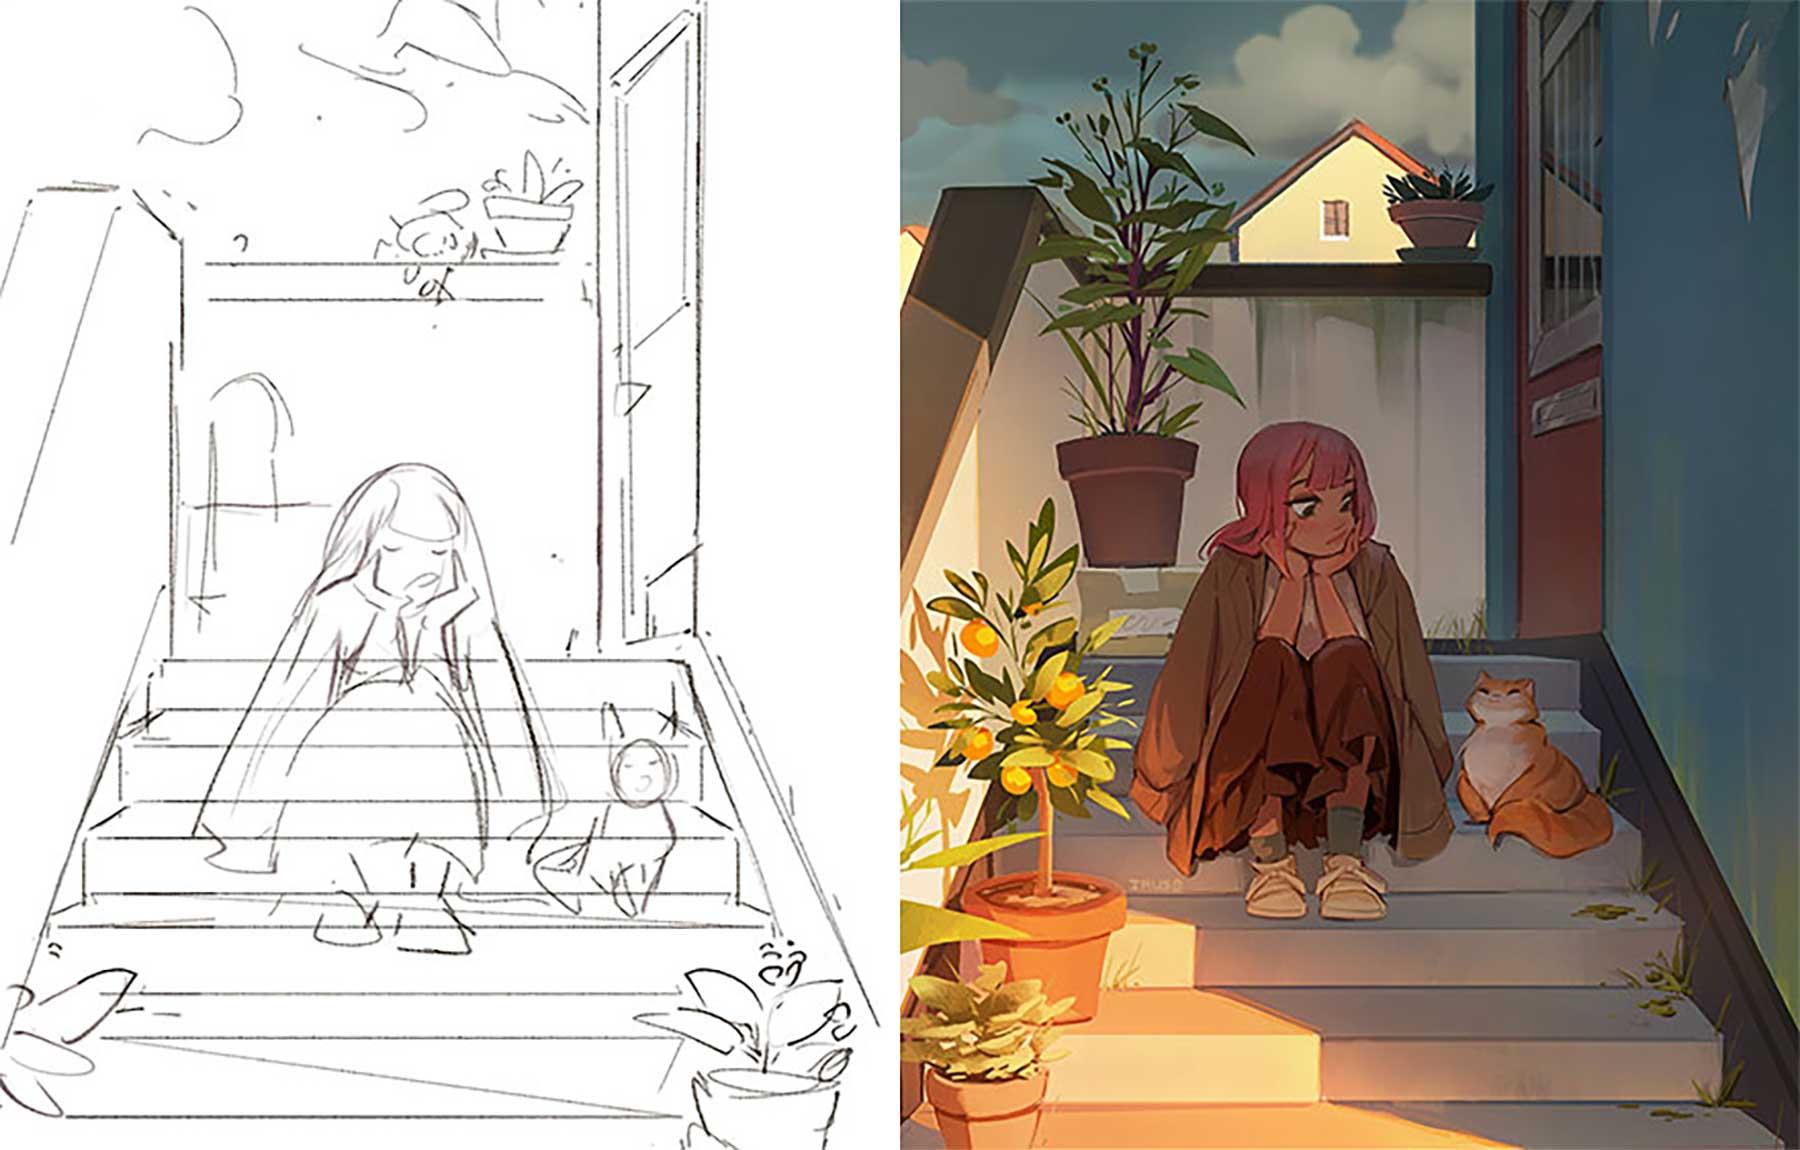 Sketch vs. Final sketch-vs-final